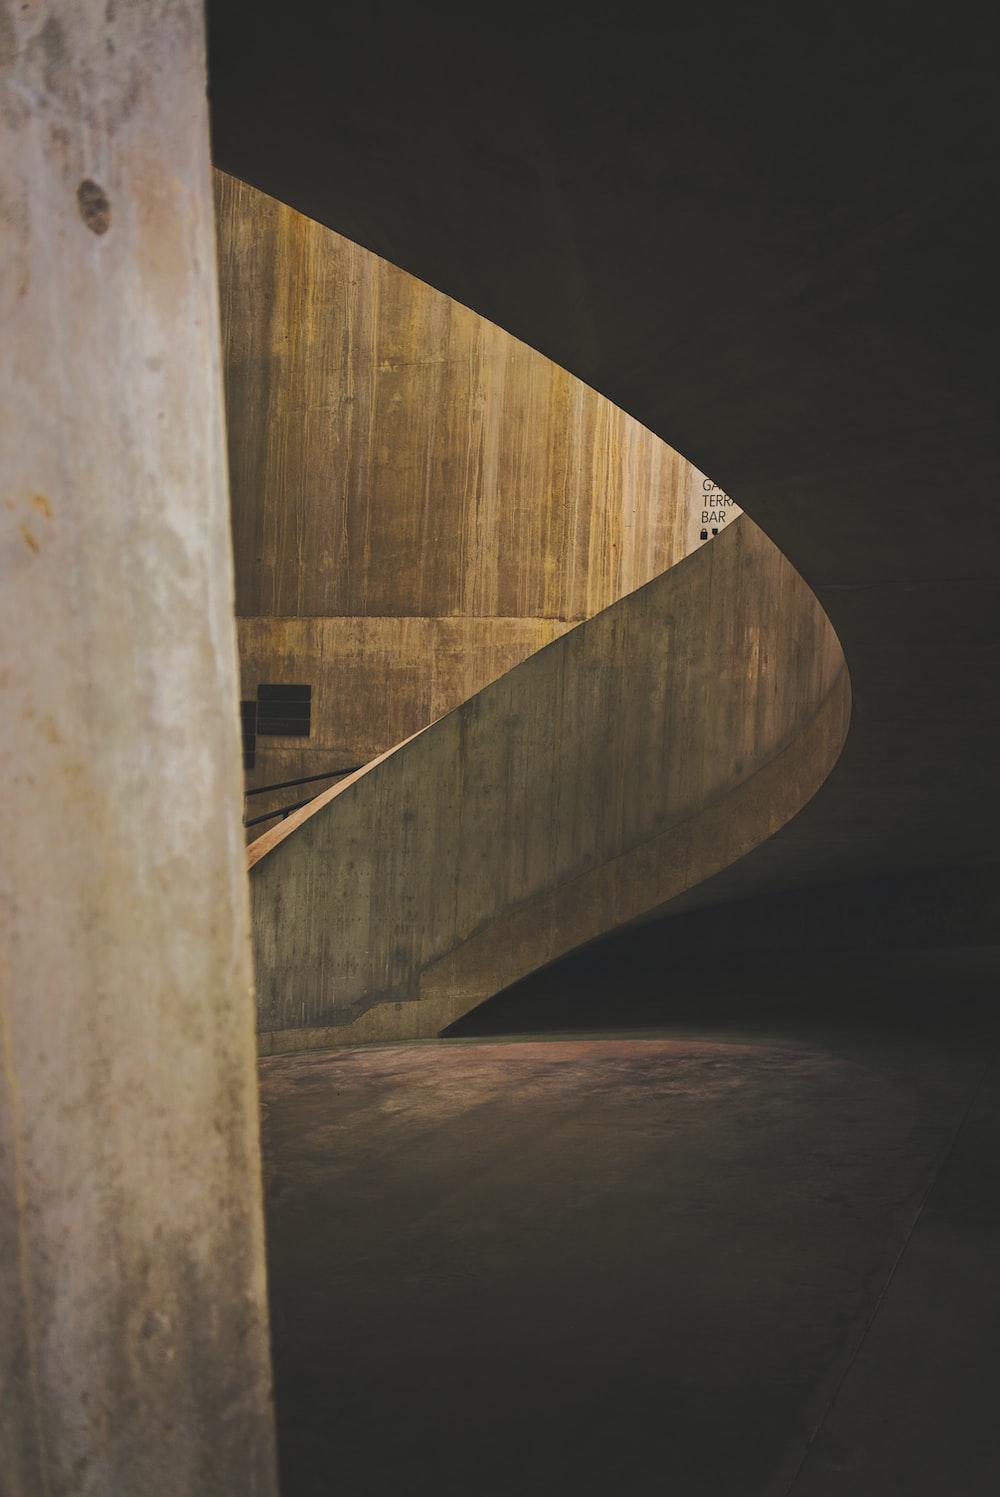 brown concrete ramp